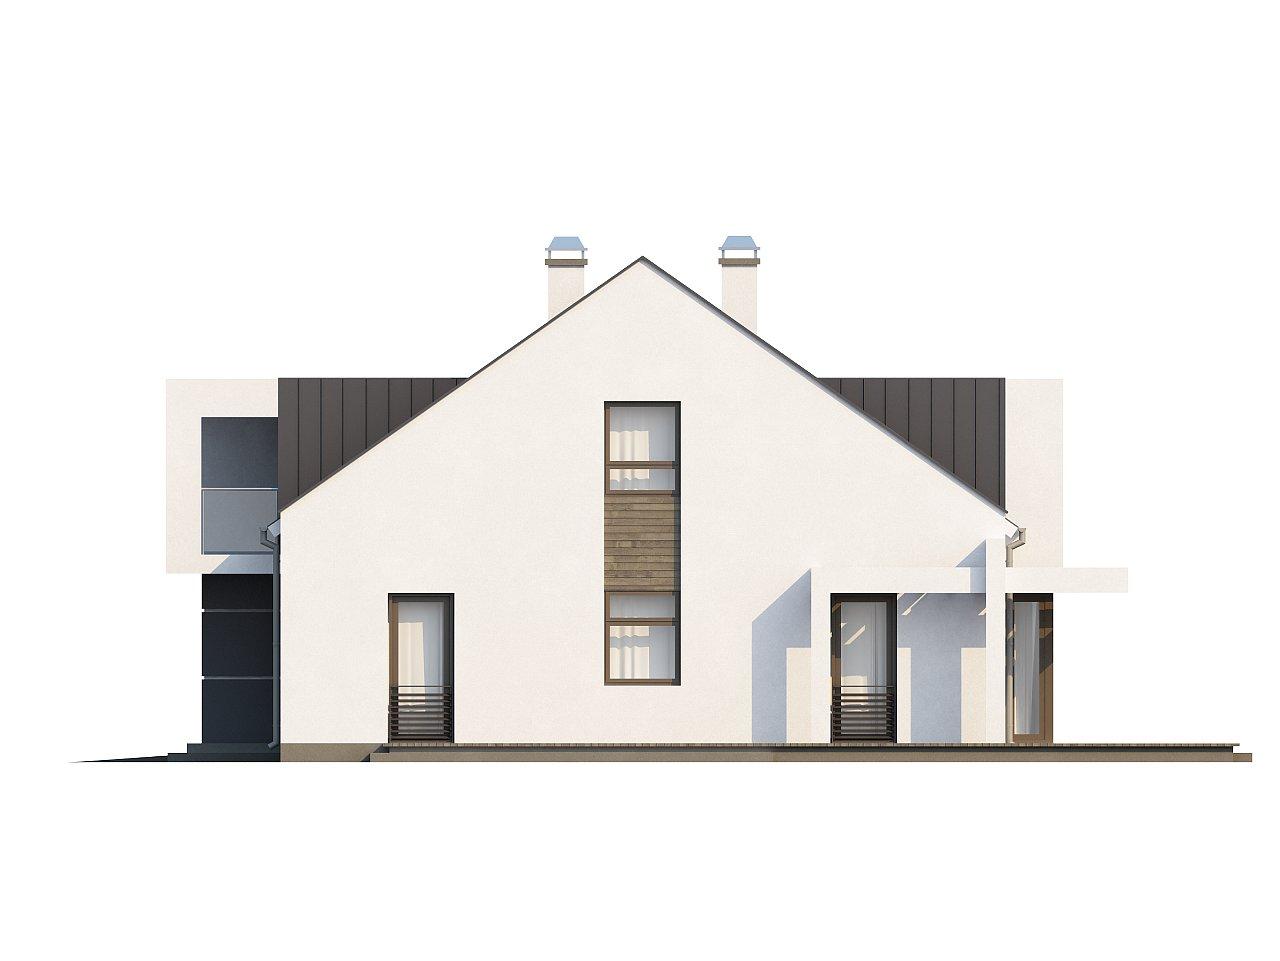 Современный дом с уютным и функциональным интерьером. Интересное сочетание двускатной крыши и кубических форм. - фото 25